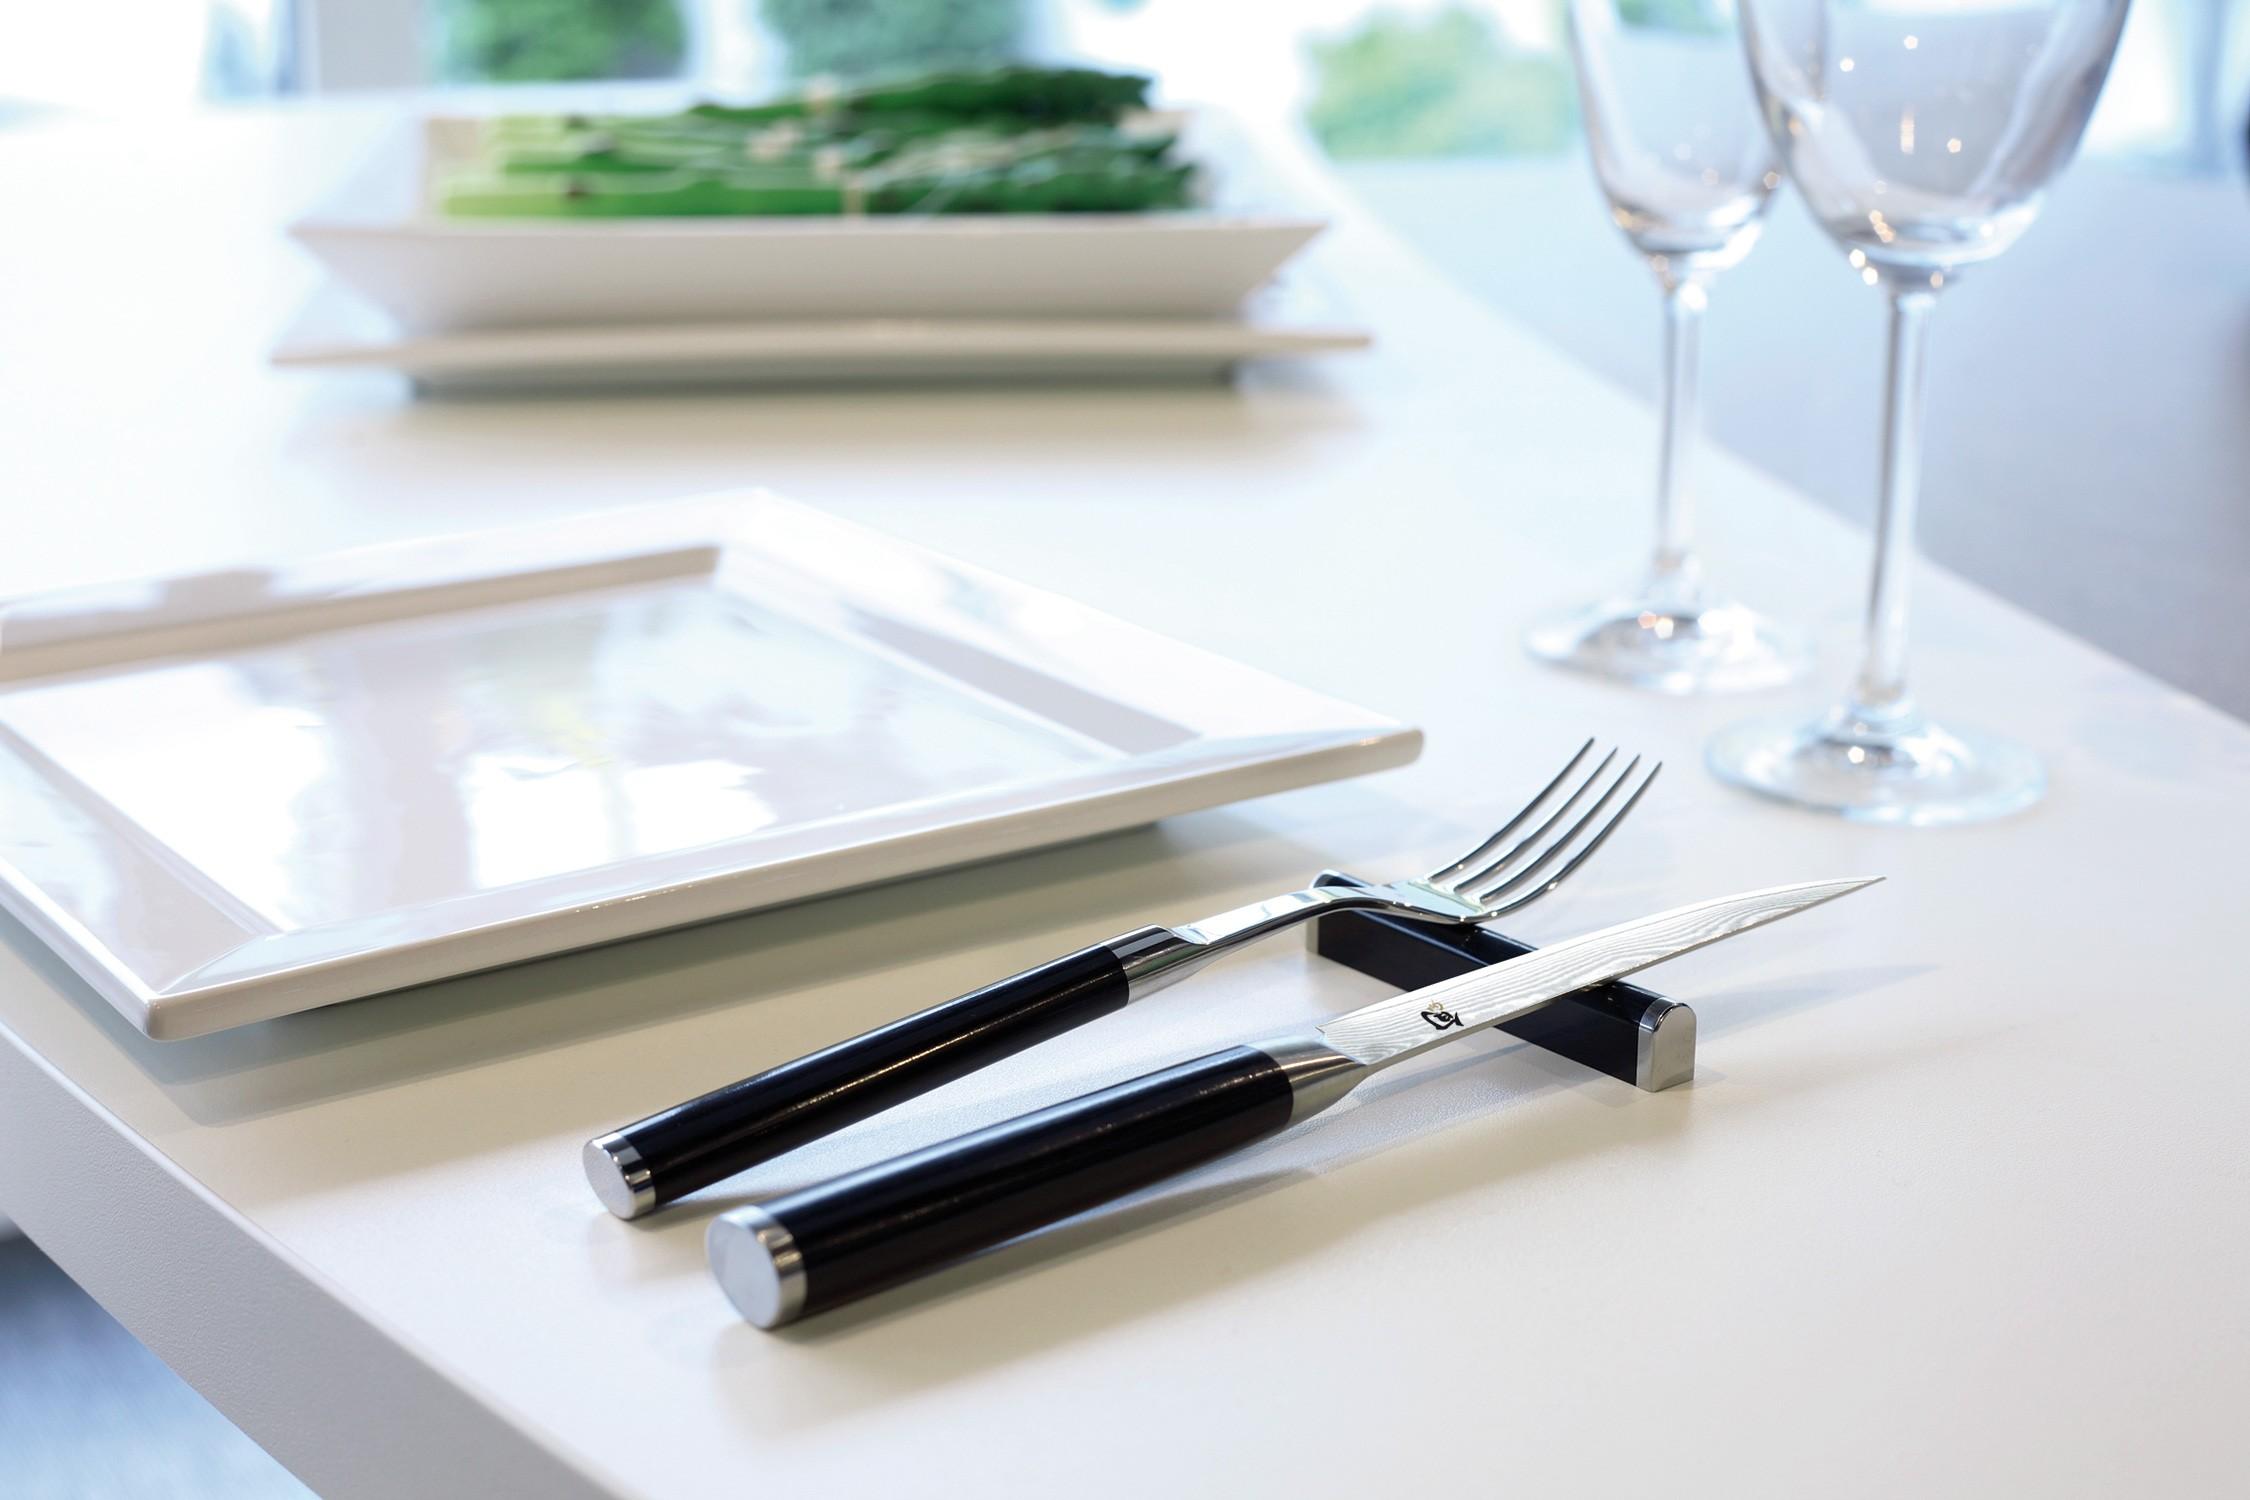 KAI SHUN CLASSIC SHUN Besteck-Set 3tlg. Steakmesser